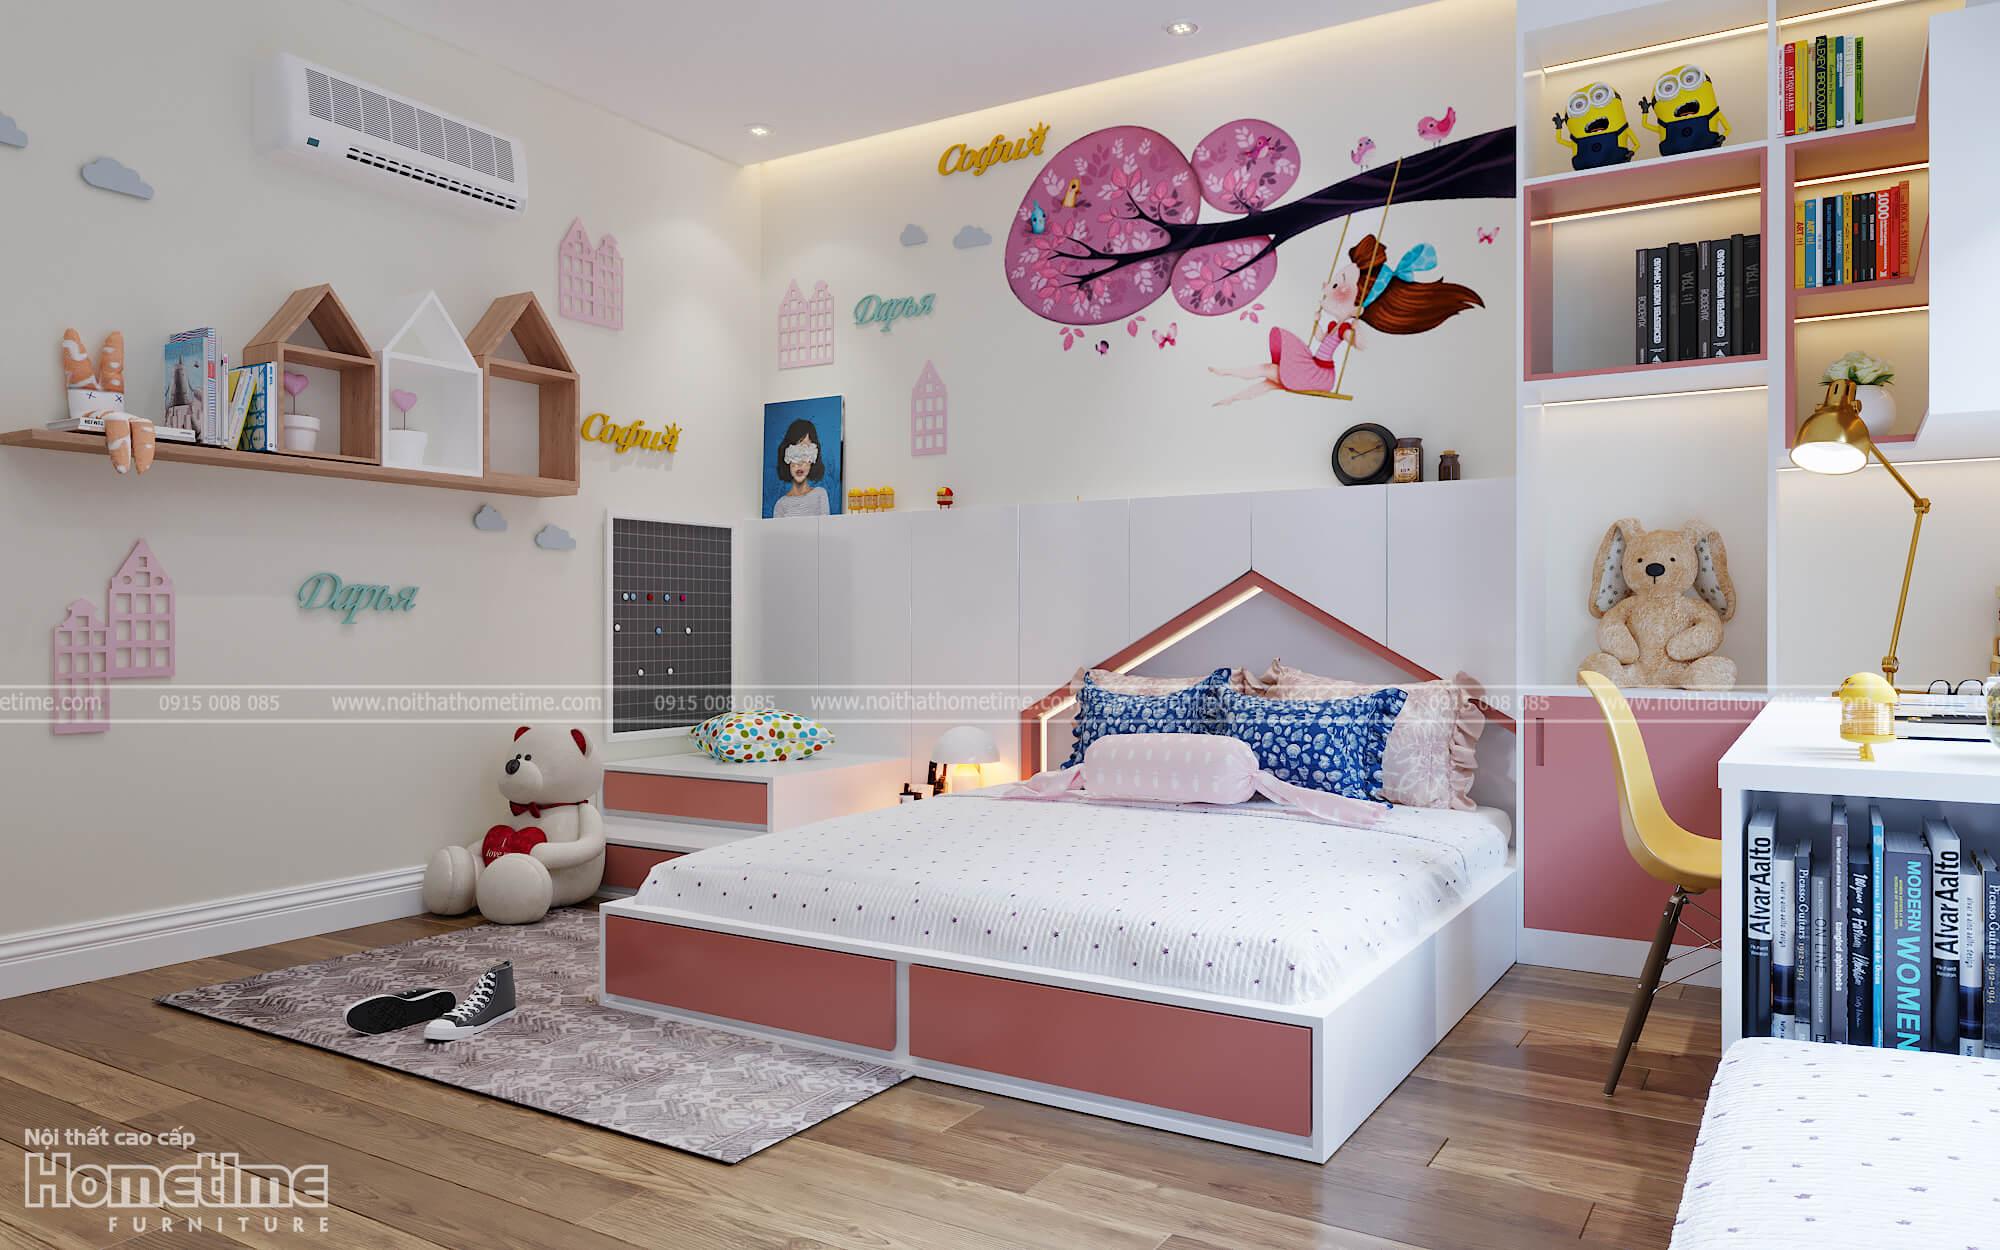 Cùng ngắm nhìn lại toàn bộ không gian phòng ngủ bé gái